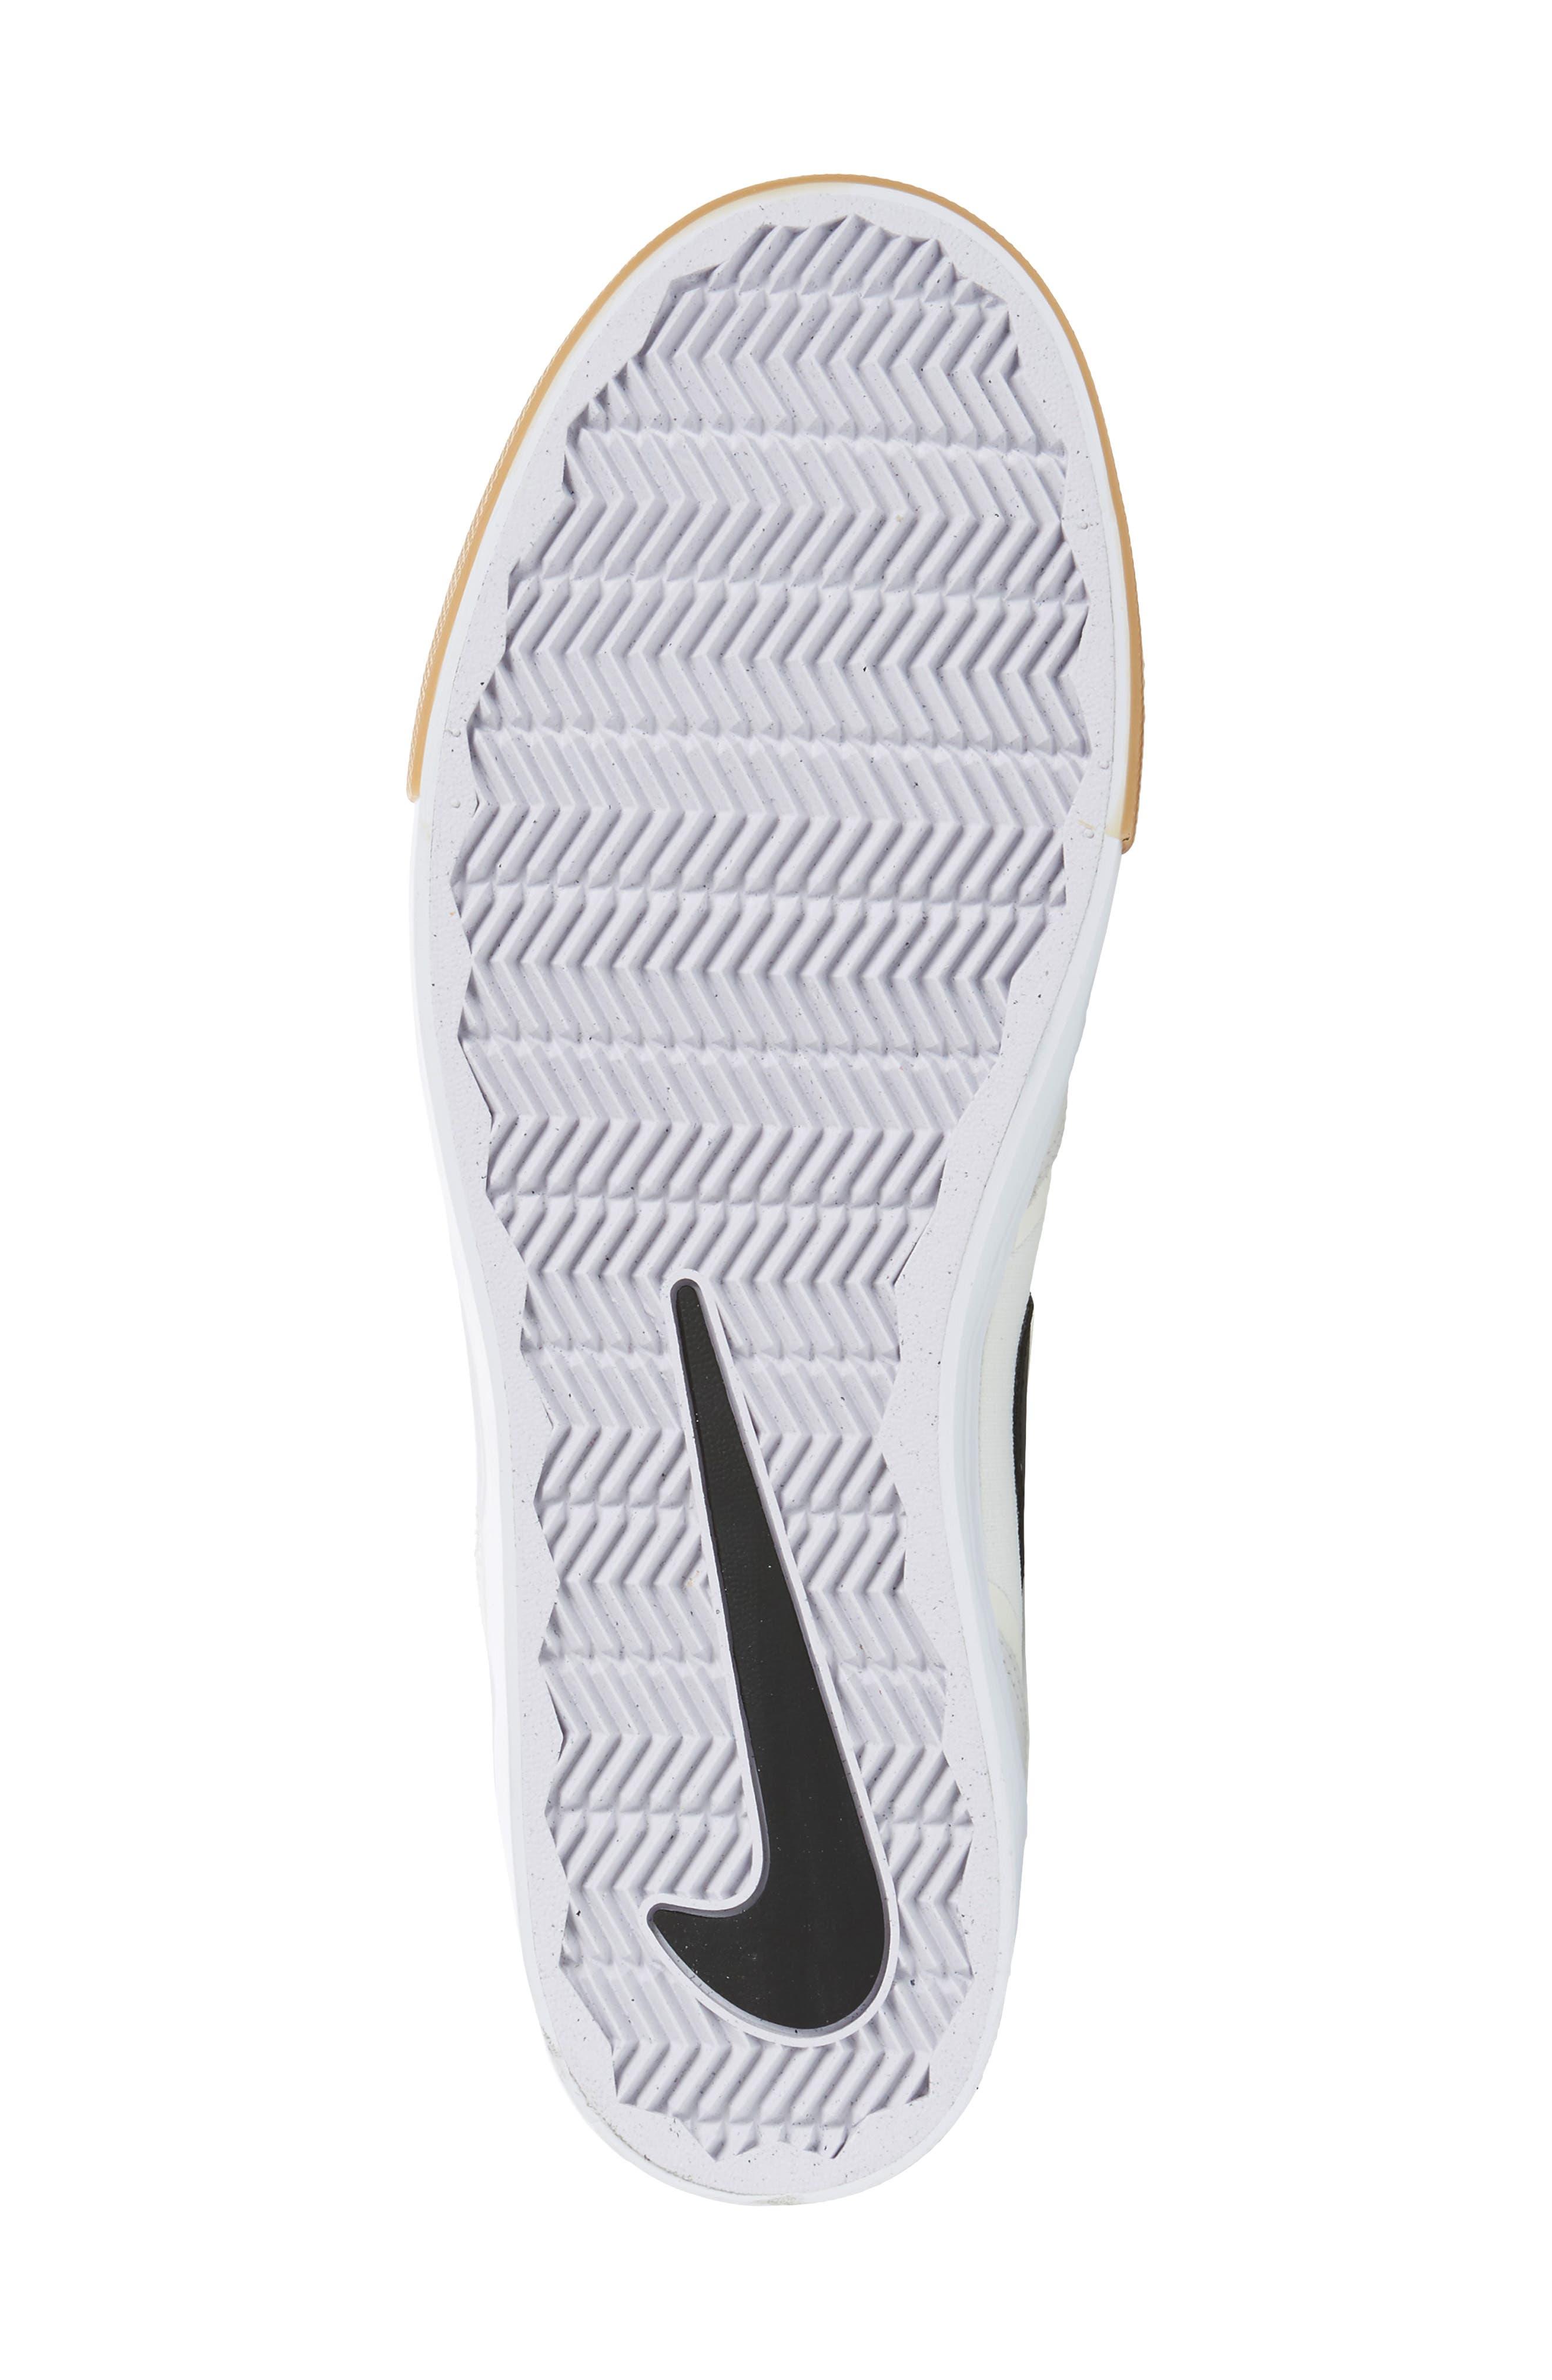 SB Paul Rodriguez 9 VR Skateboarding Sneaker,                             Alternate thumbnail 6, color,                             White/ Black/ Black